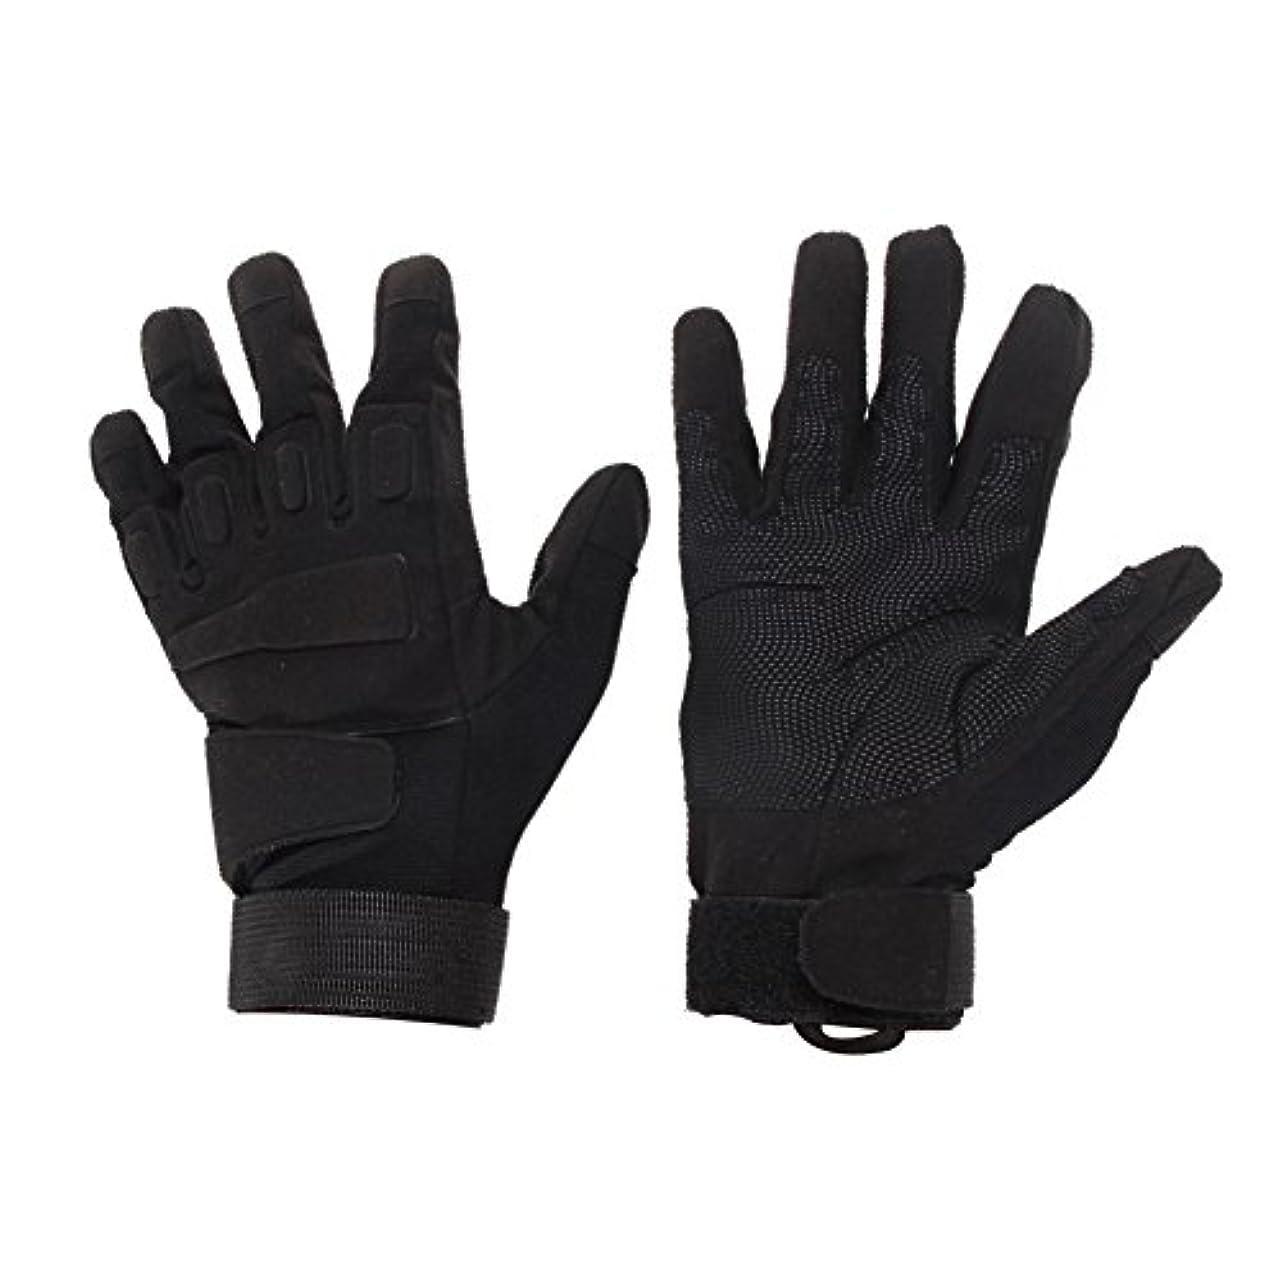 ピグマリオン口径禁じるSIKIWIND グローブ 手袋 耐摩耗性 滑り止め 通気性 登山 釣り サイクリング アウトドア 1ペア